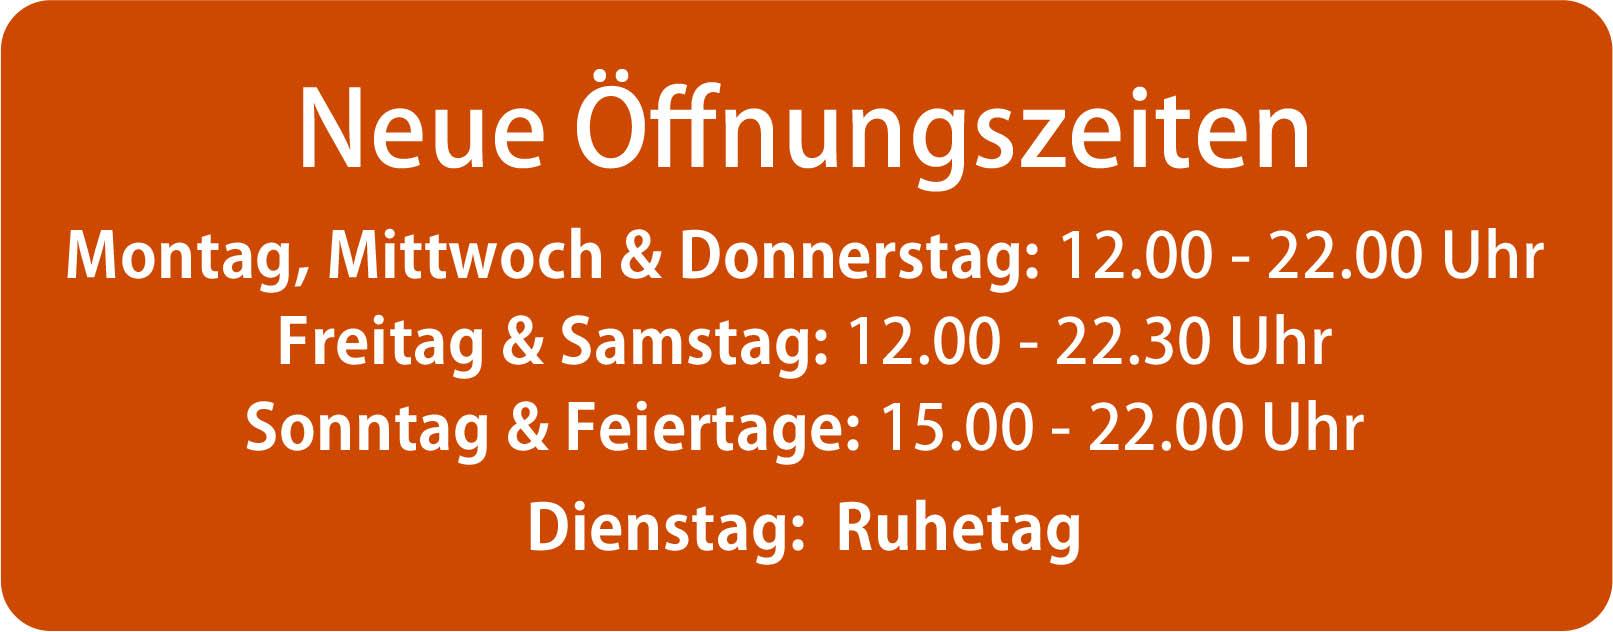 Trends Bottrop öffnungszeiten : bottrop sonntag stunning ostermann bottrop sonntag ostermann trends bottrop sonntag with ~ Orissabook.com Haus und Dekorationen